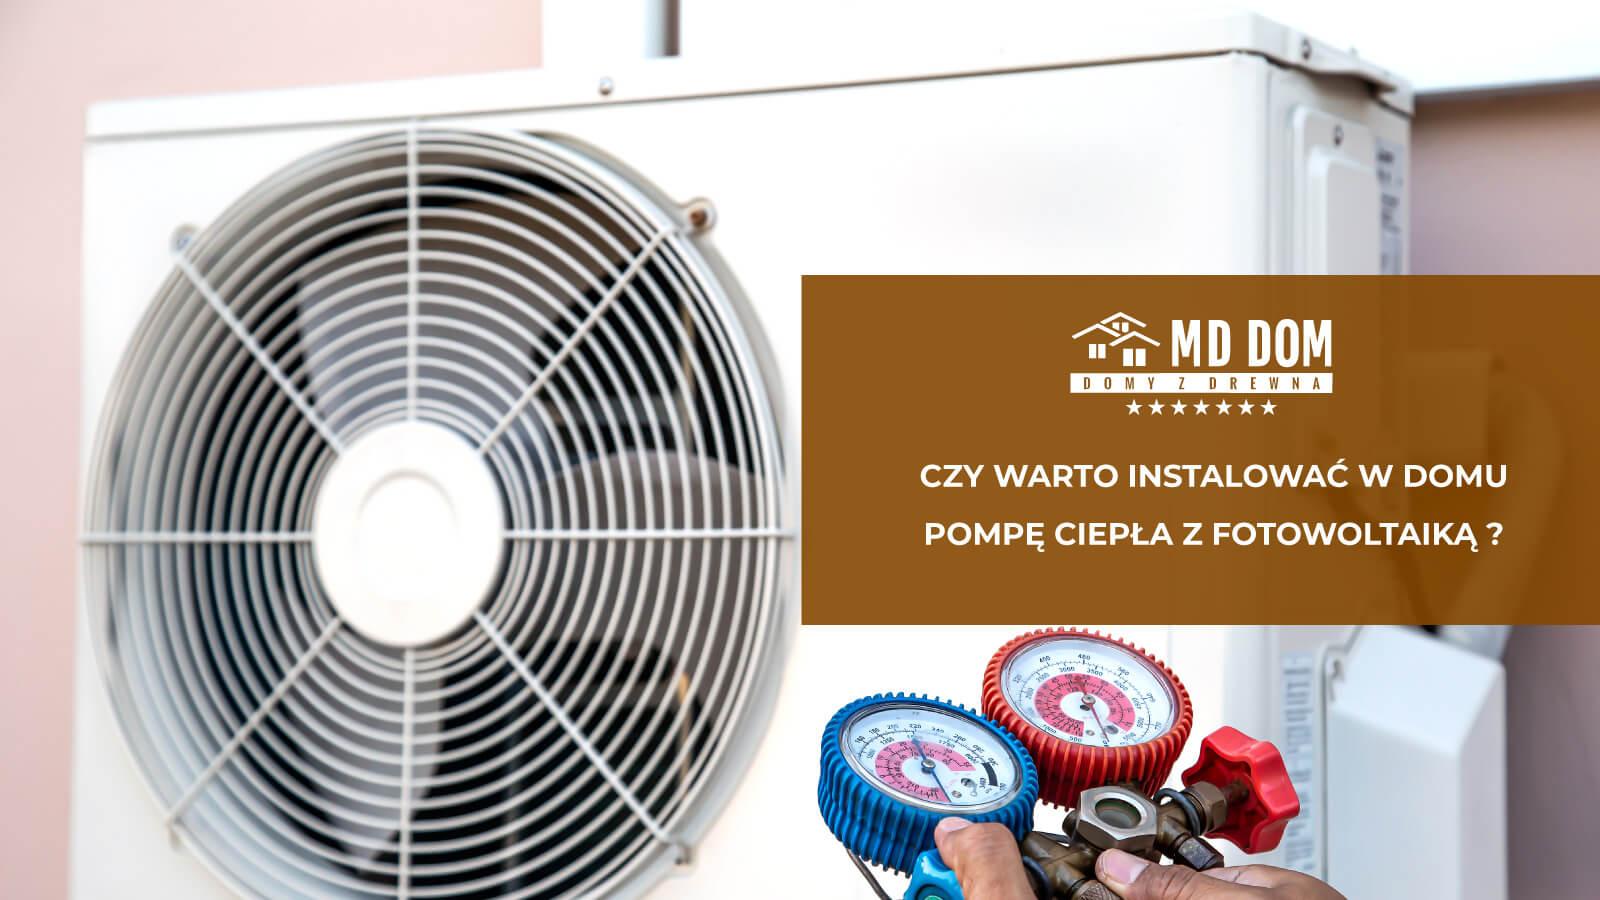 Czy-warto-instalowac-w-domu-pompe-ciepla-z-fotowoltaika-md-dom